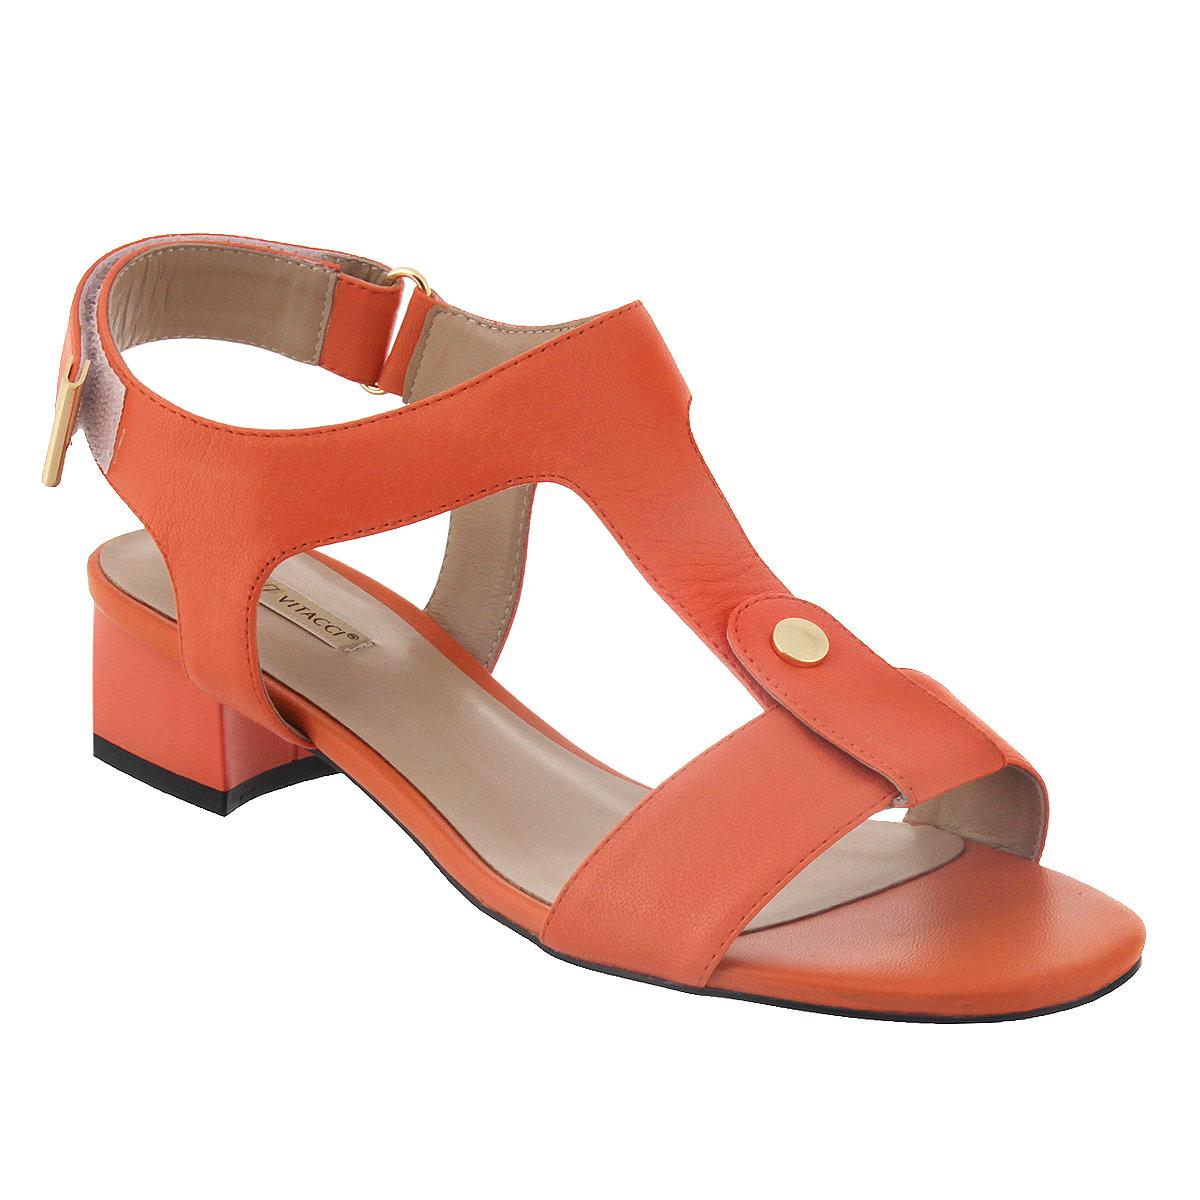 501374Стильные босоножки Vitacci займут достойное место среди вашей коллекции обуви. Изделие изготовлено из натуральной кожи и исполнено в лаконичном стиле. Фиксирующие ремешки надежно закрепят модель на вашей ноге. Ремешок, расположенный на подъеме, дополнен небольшой металлической пластиной круглой формы. Ремешок с застежкой-липучкой оформлен на конце металлической вставкой. Стелька из натуральной кожи позволяет ногам дышать. Умеренной высоты каблук устойчив. Подошва с рифлением обеспечивает идеальное сцепление с любой поверхностью. Модные босоножки прекрасно дополнят ваш образ.